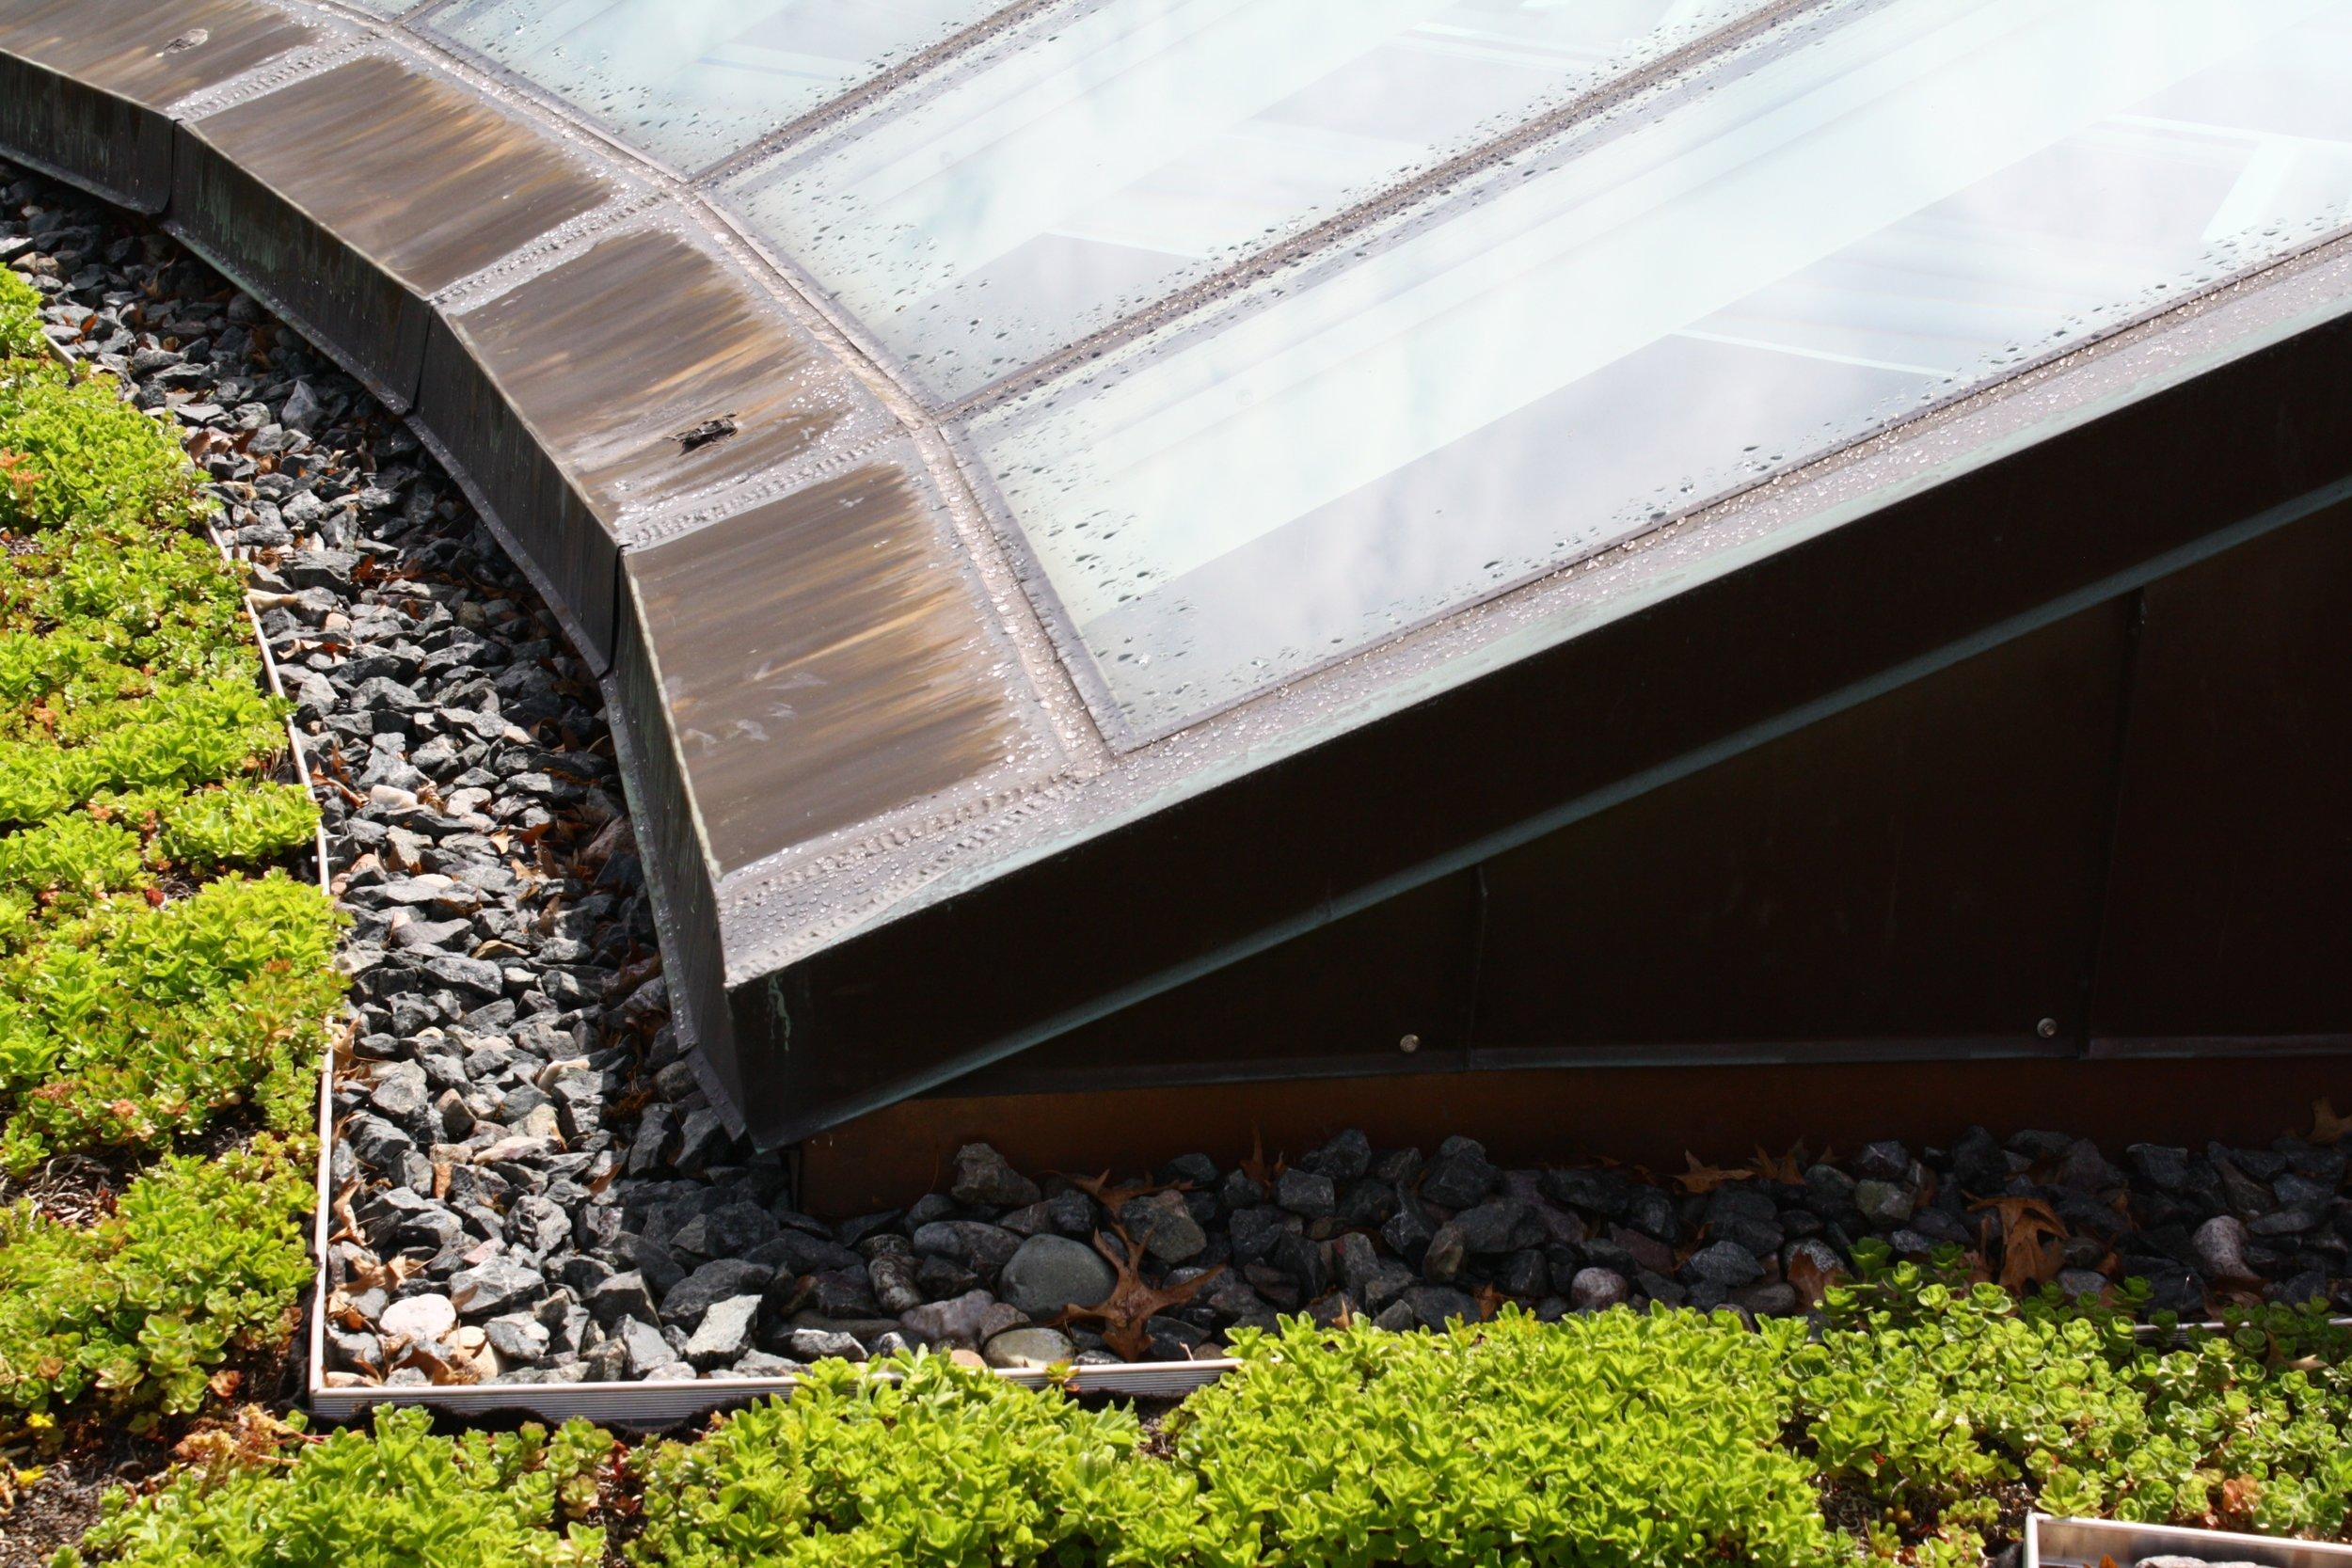 recover-green-roofs-harvard-business-school-garden-2016-5.jpg